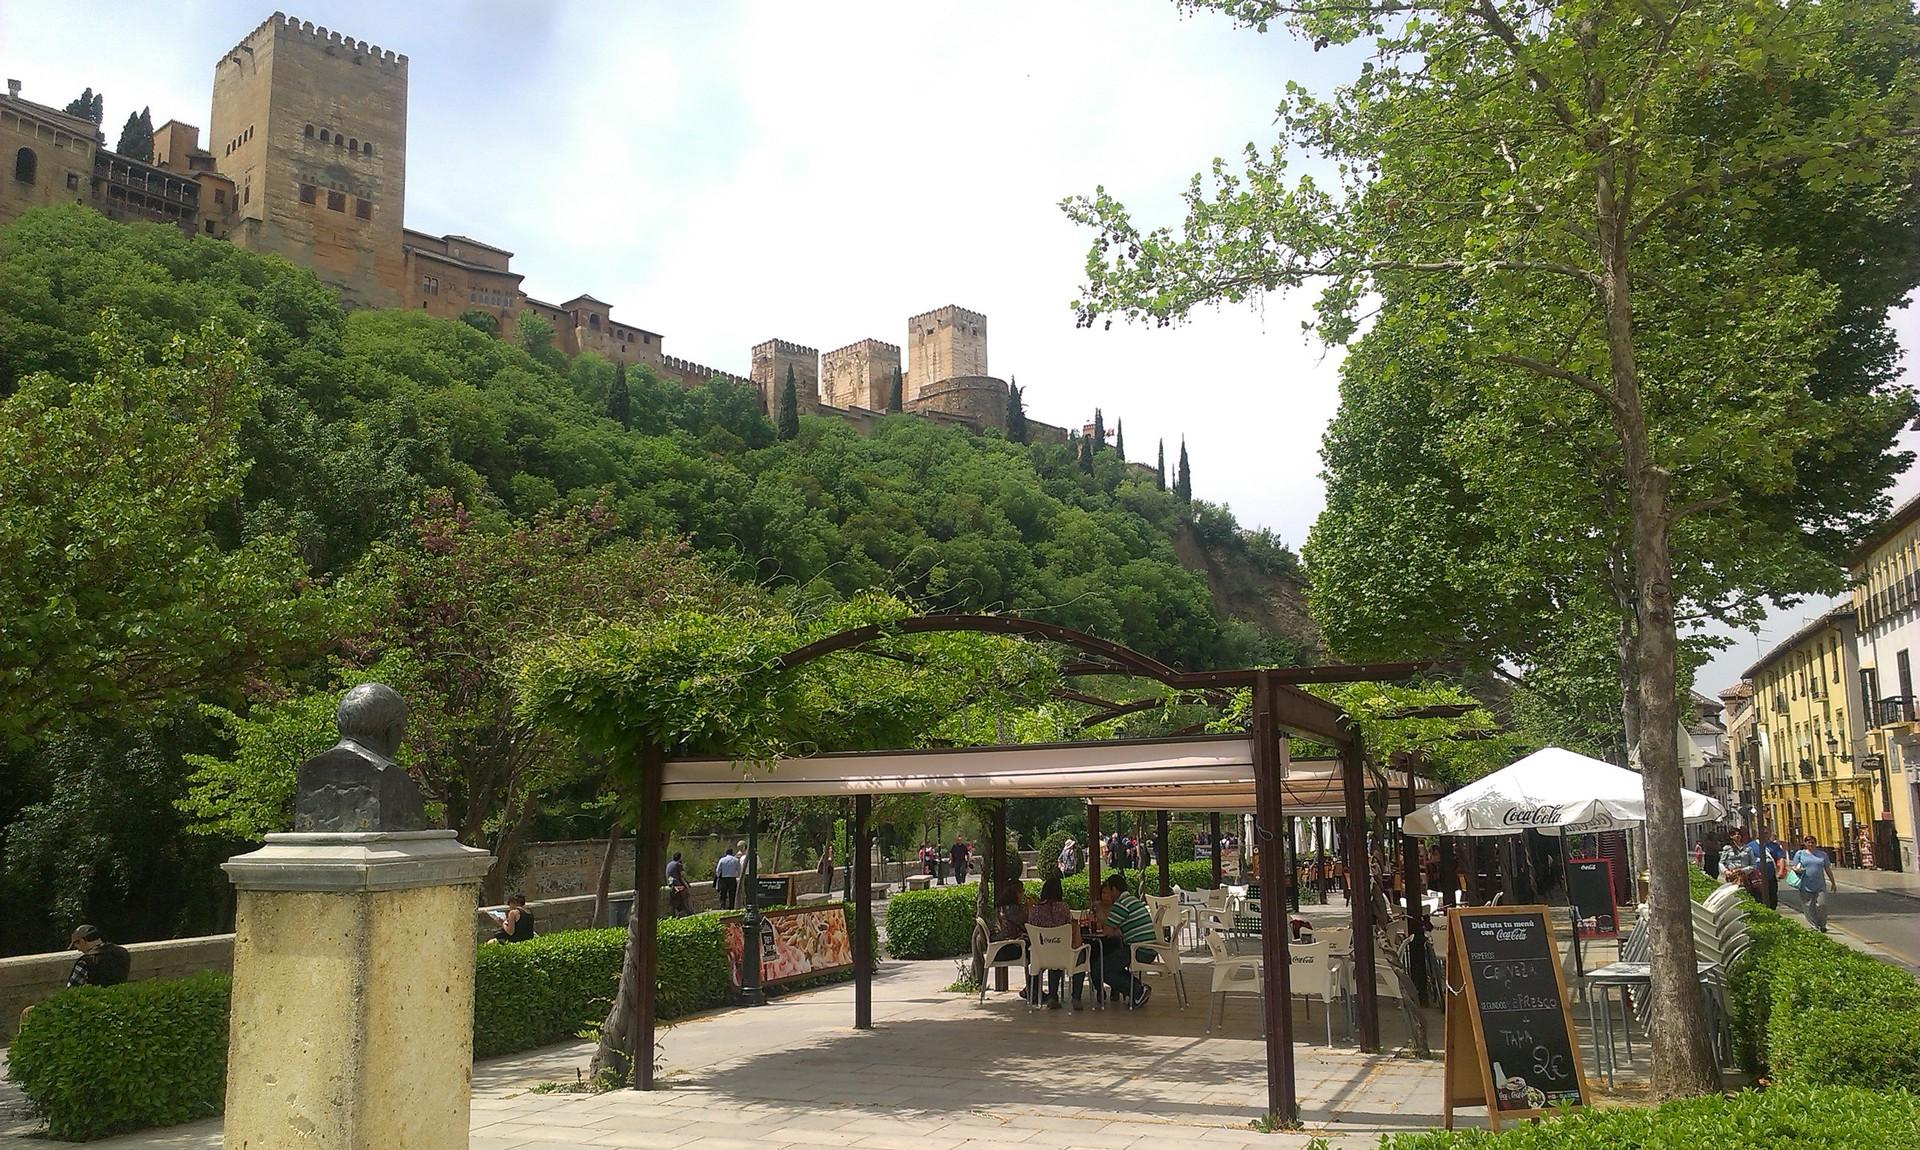 la-alhambra-cittadina-paradisiaca-1b1085